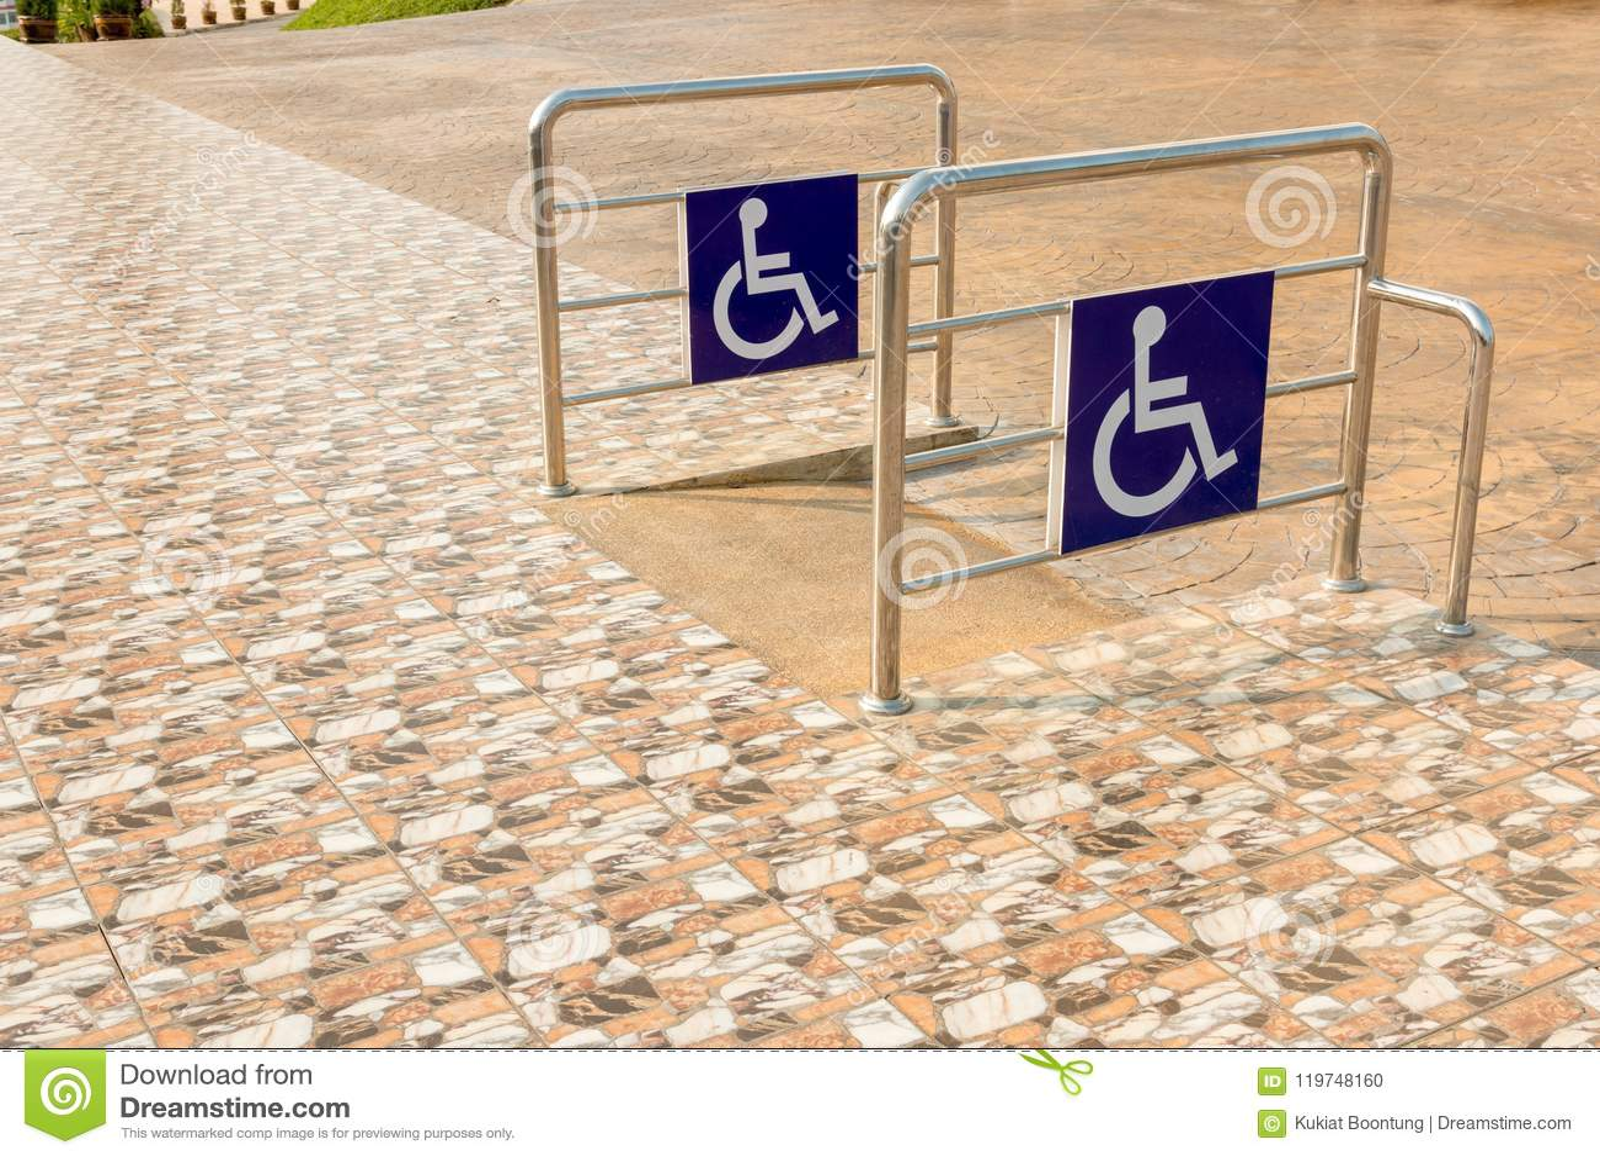 Manière de pente de rampe de fauteuil roulant pour l handicap